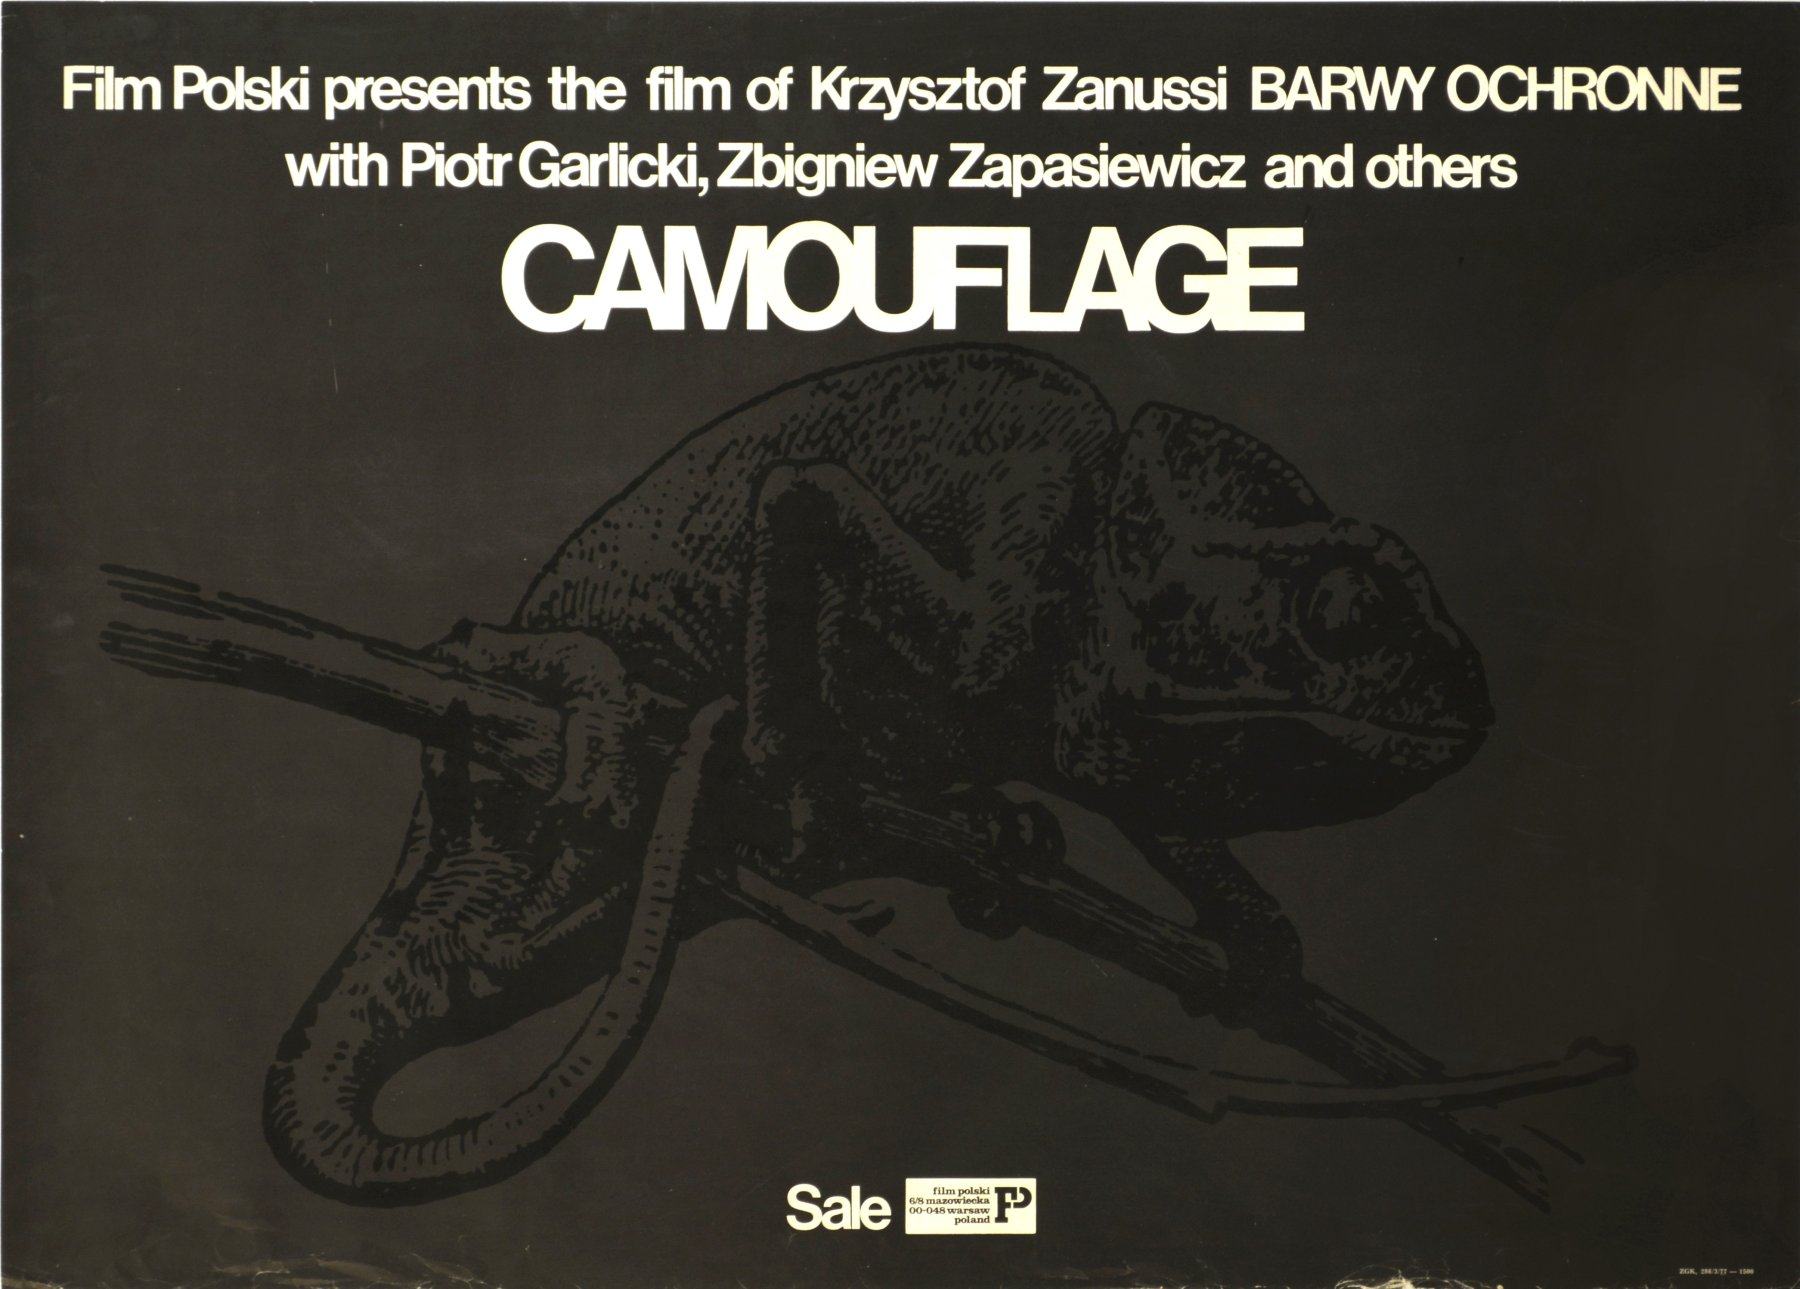 Barwy ochronne, 1977 r.